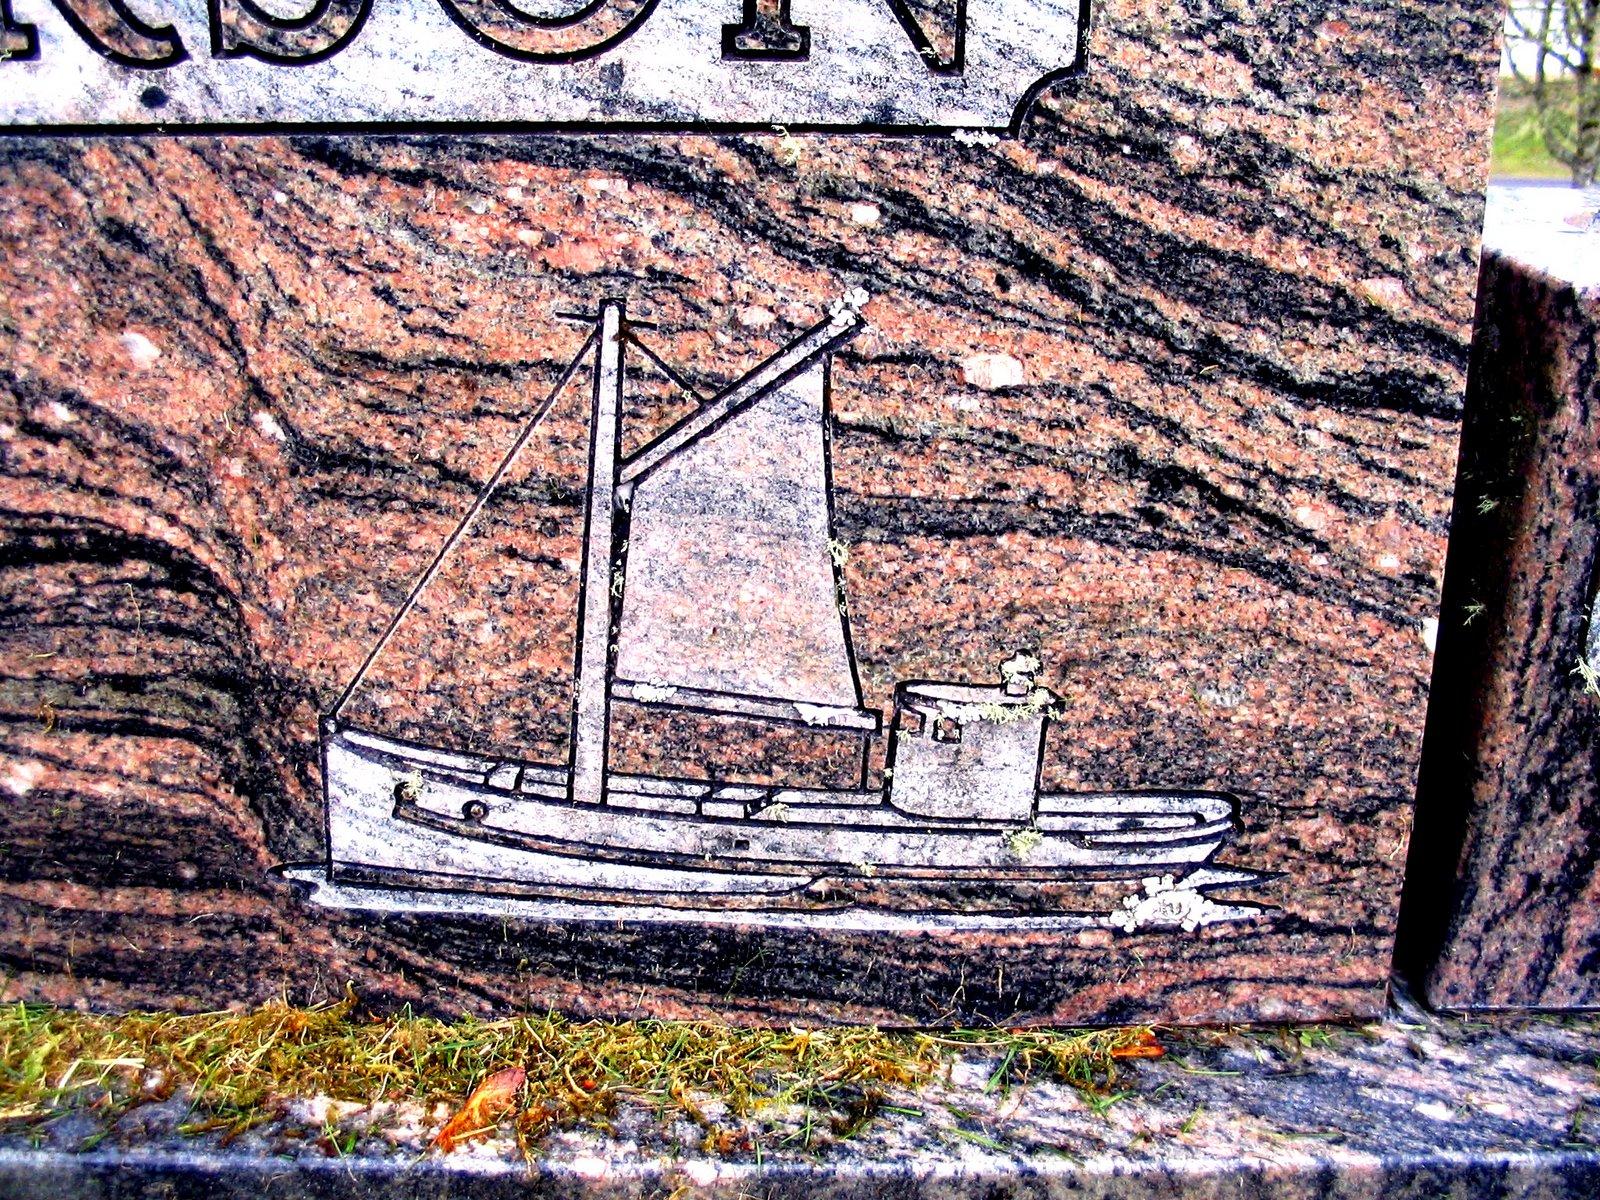 [gillnetter+sail+(ocean+view)]